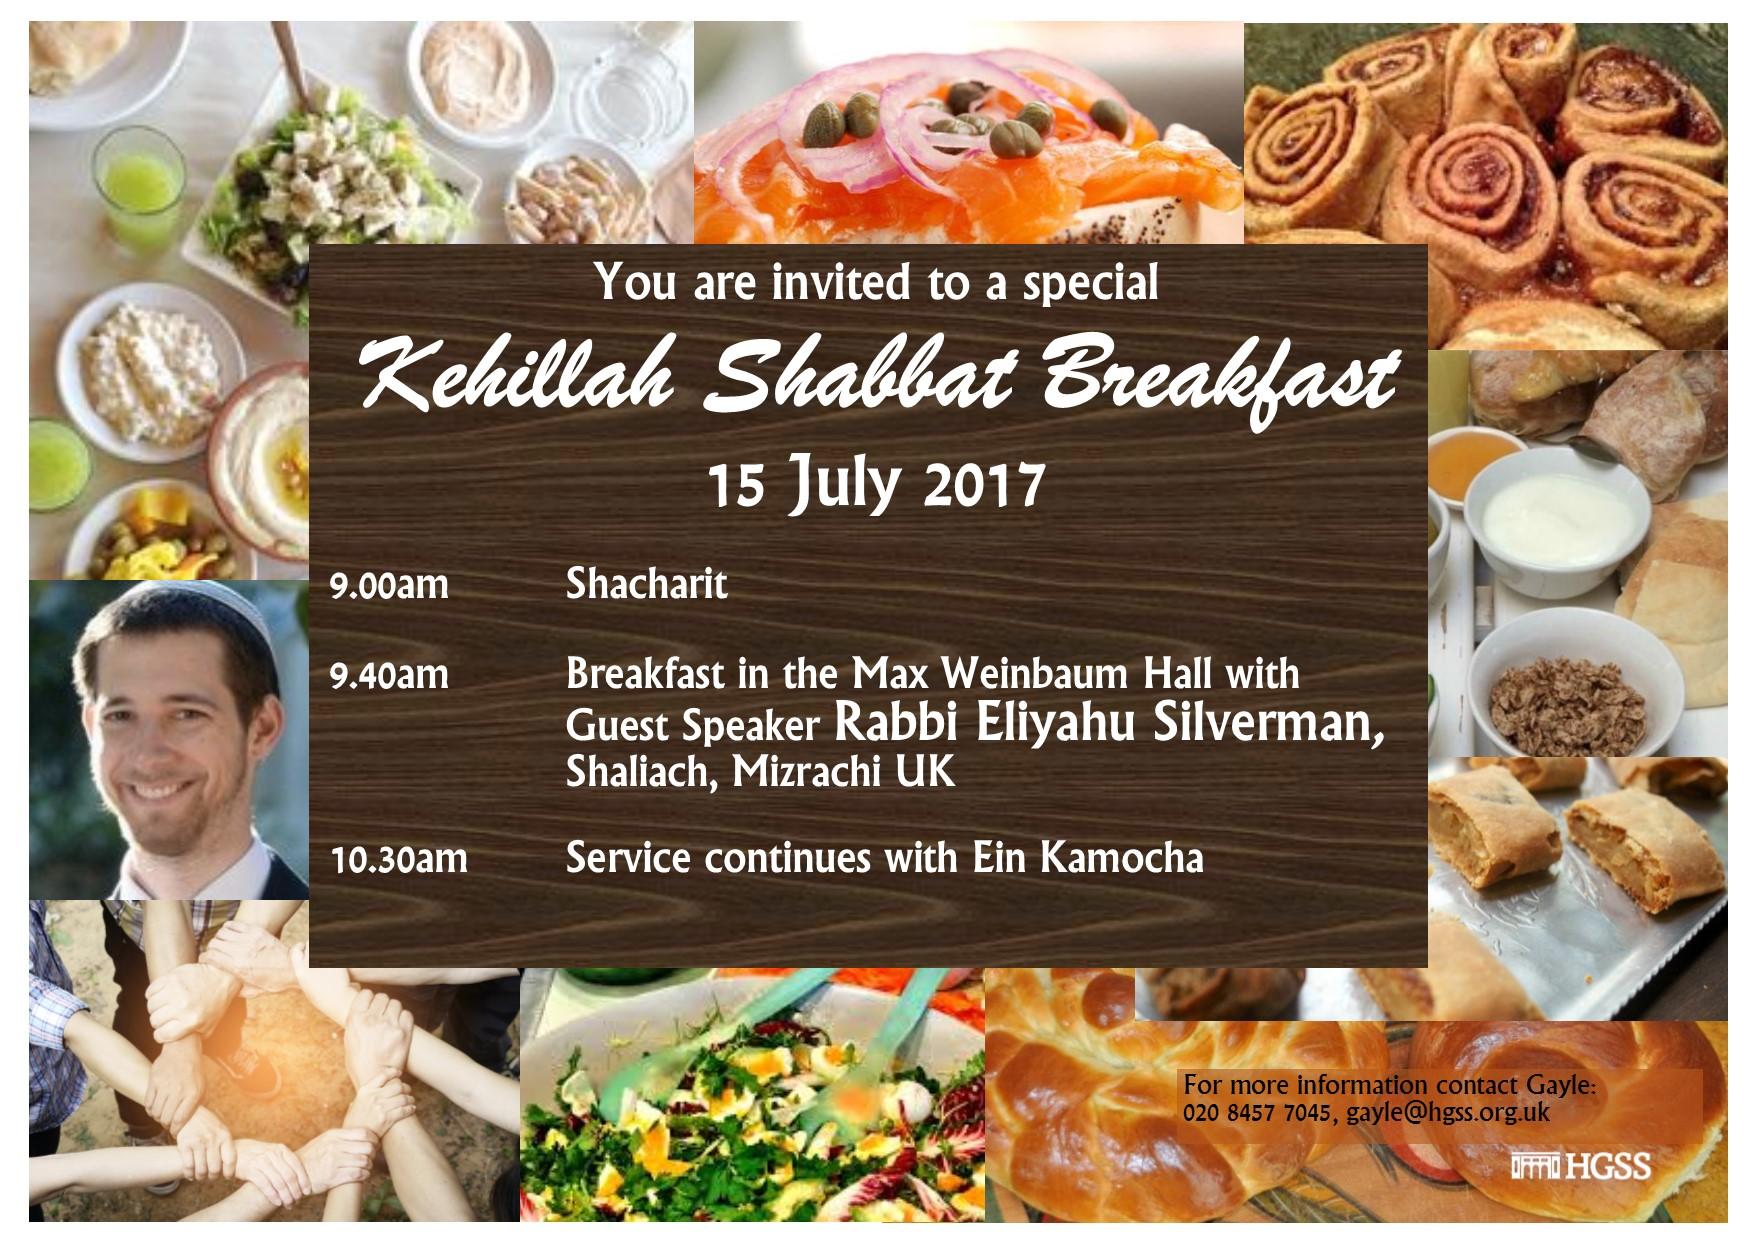 Kehillah Shabbat Breakfast @ Max Weinbaum Hall